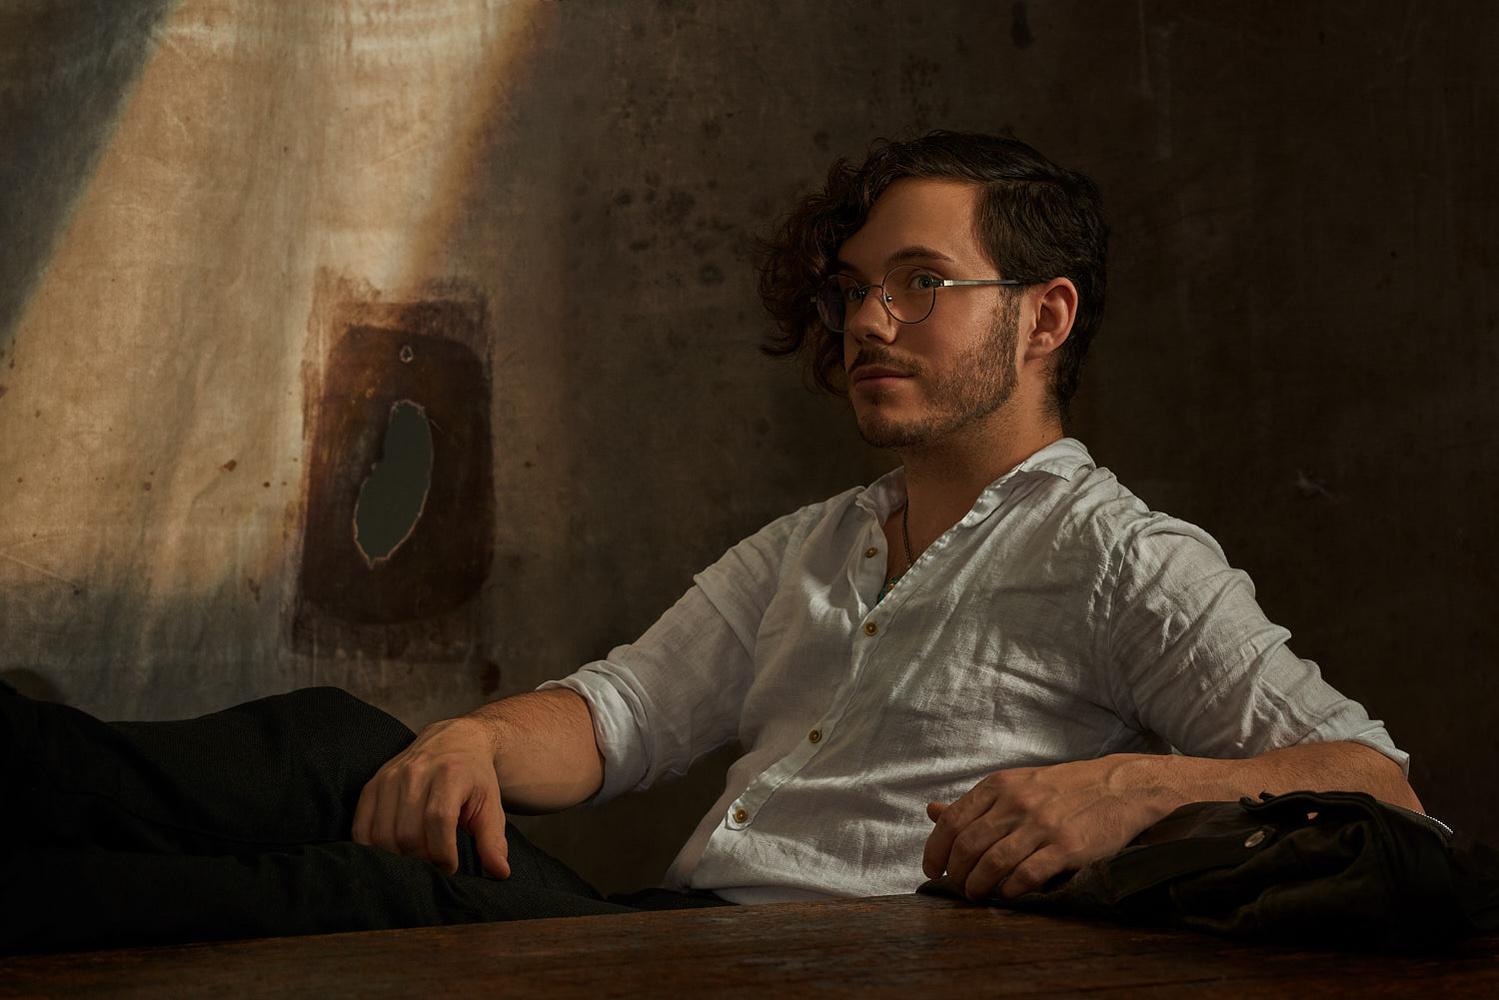 Philip by Joacim Schwartz